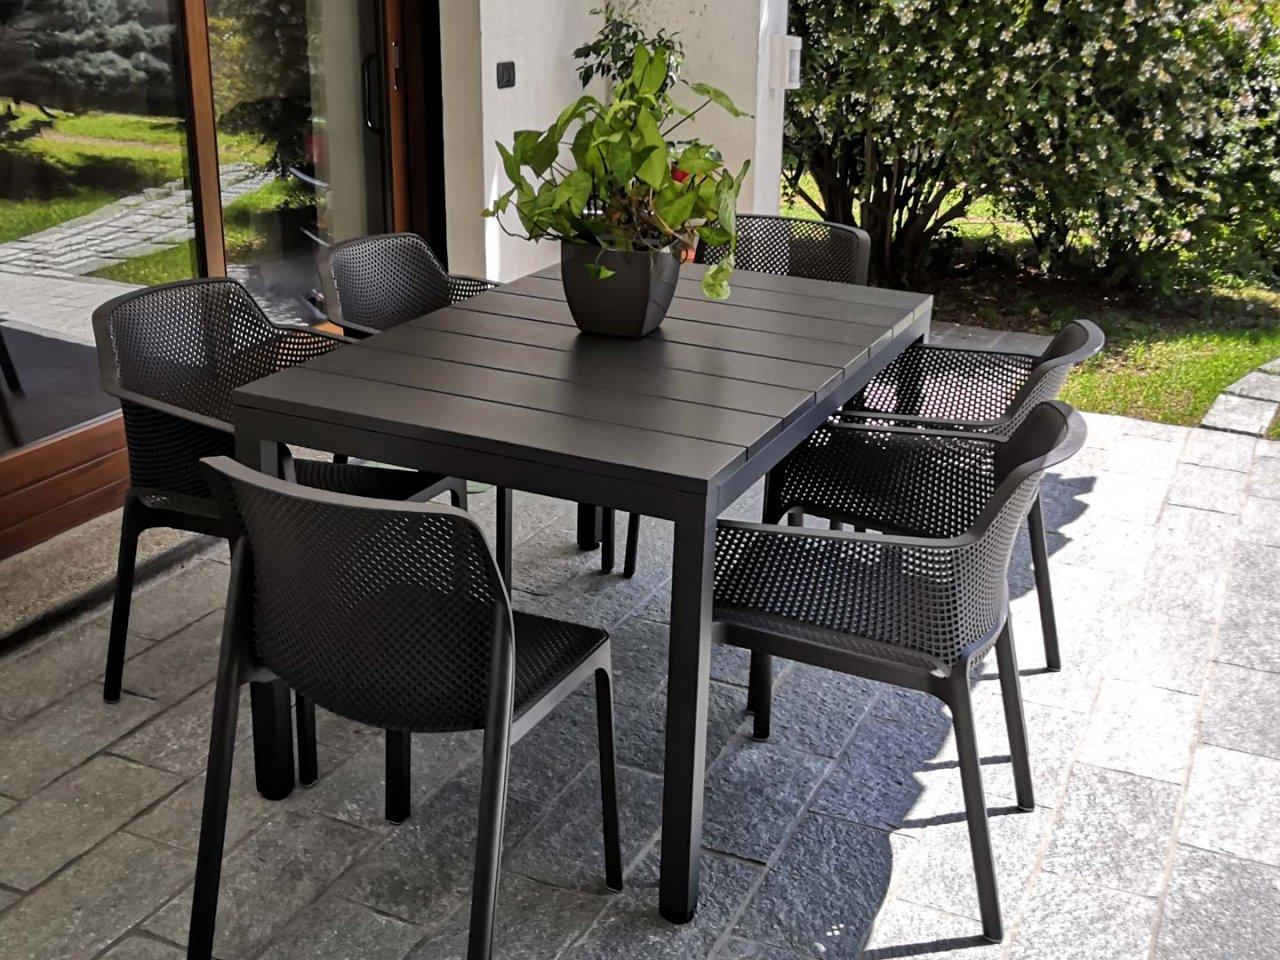 Scopri i Testimonial del prodotto Tavolo da giardino Rio 140/210